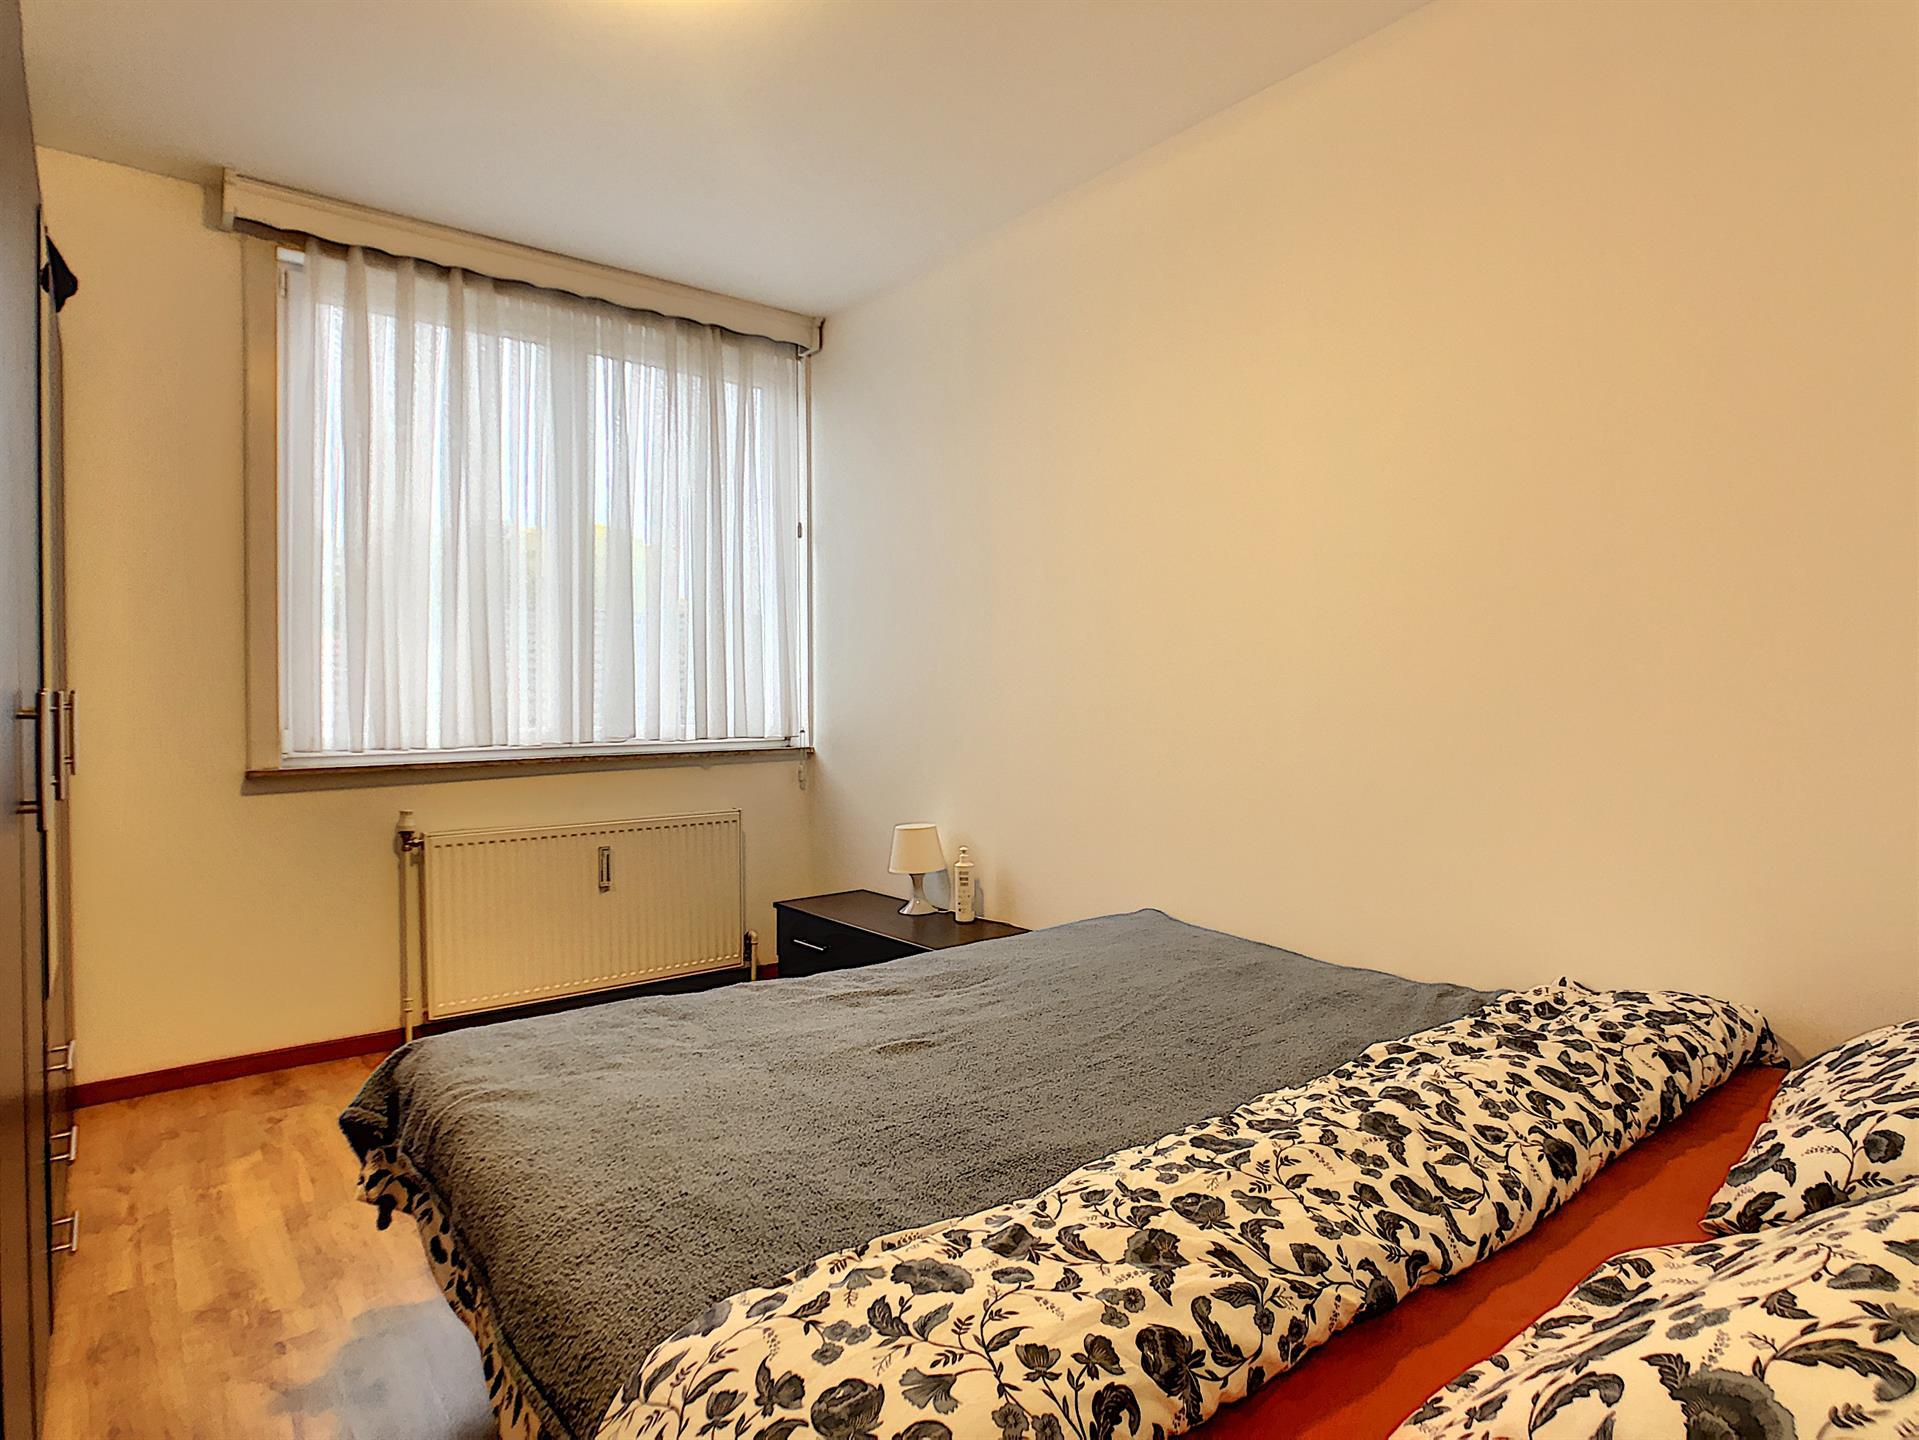 Appartement - Berchem-Sainte-Agathe - #4195538-3